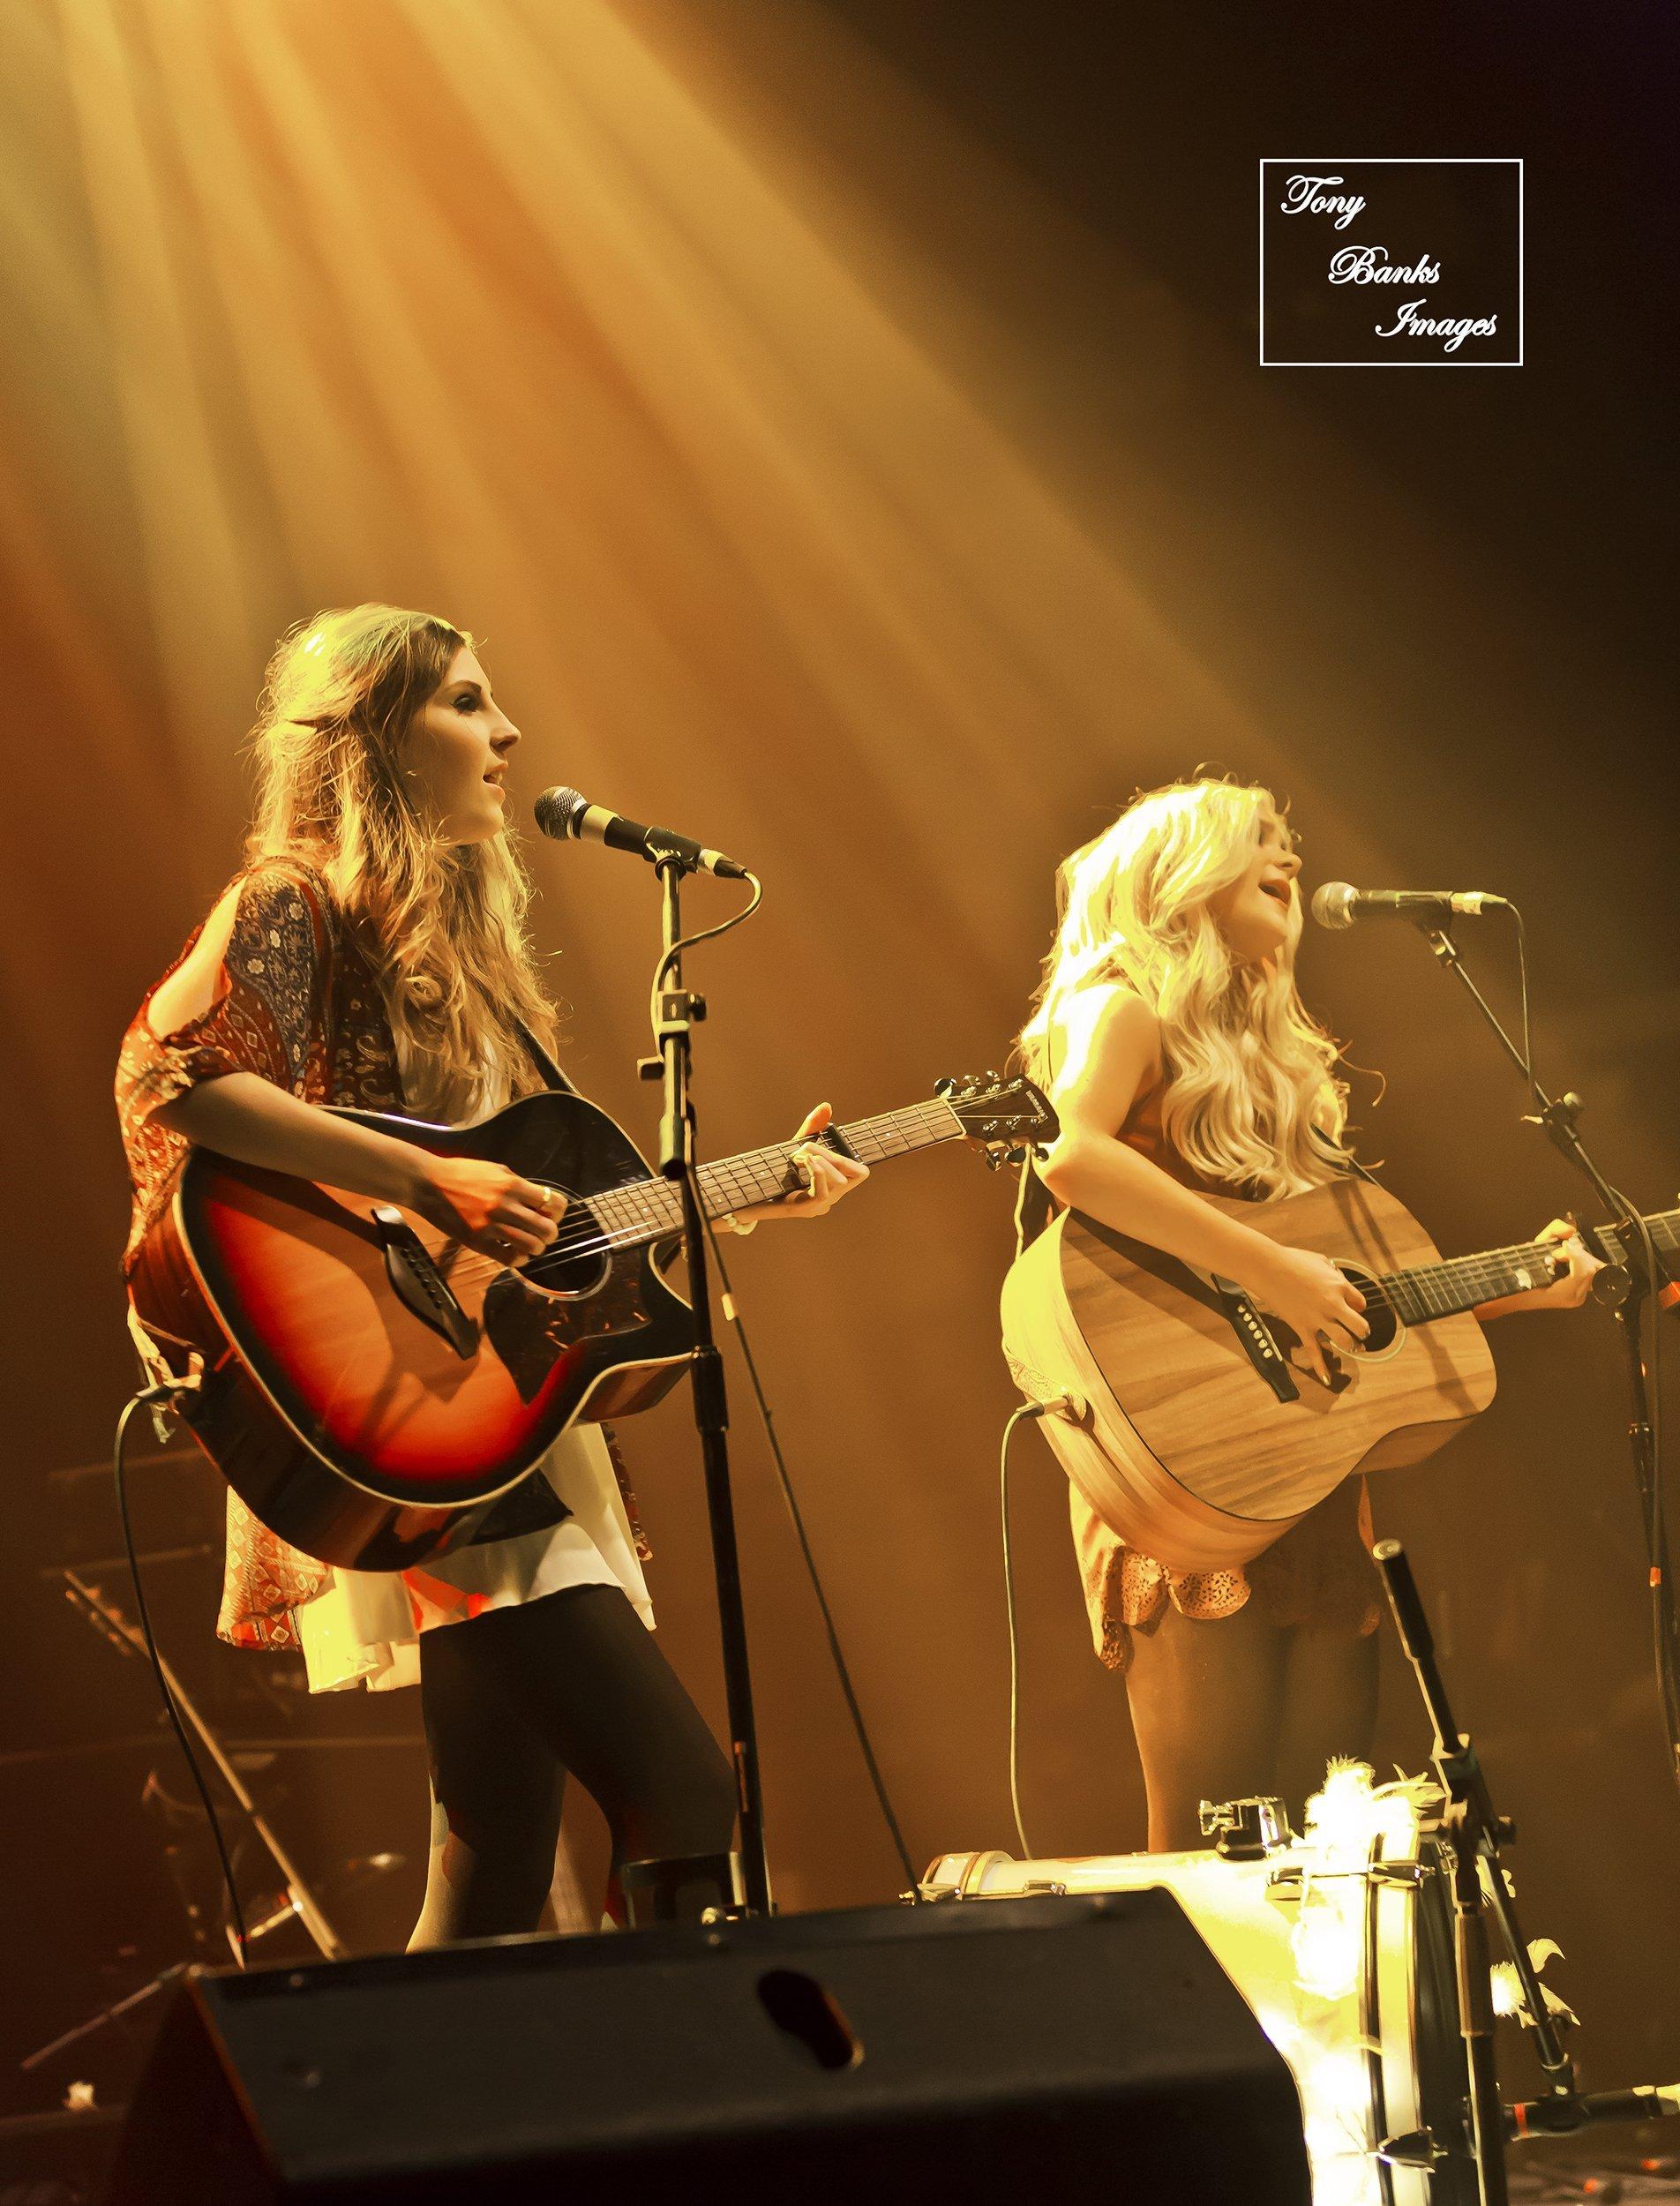 2 girls singing